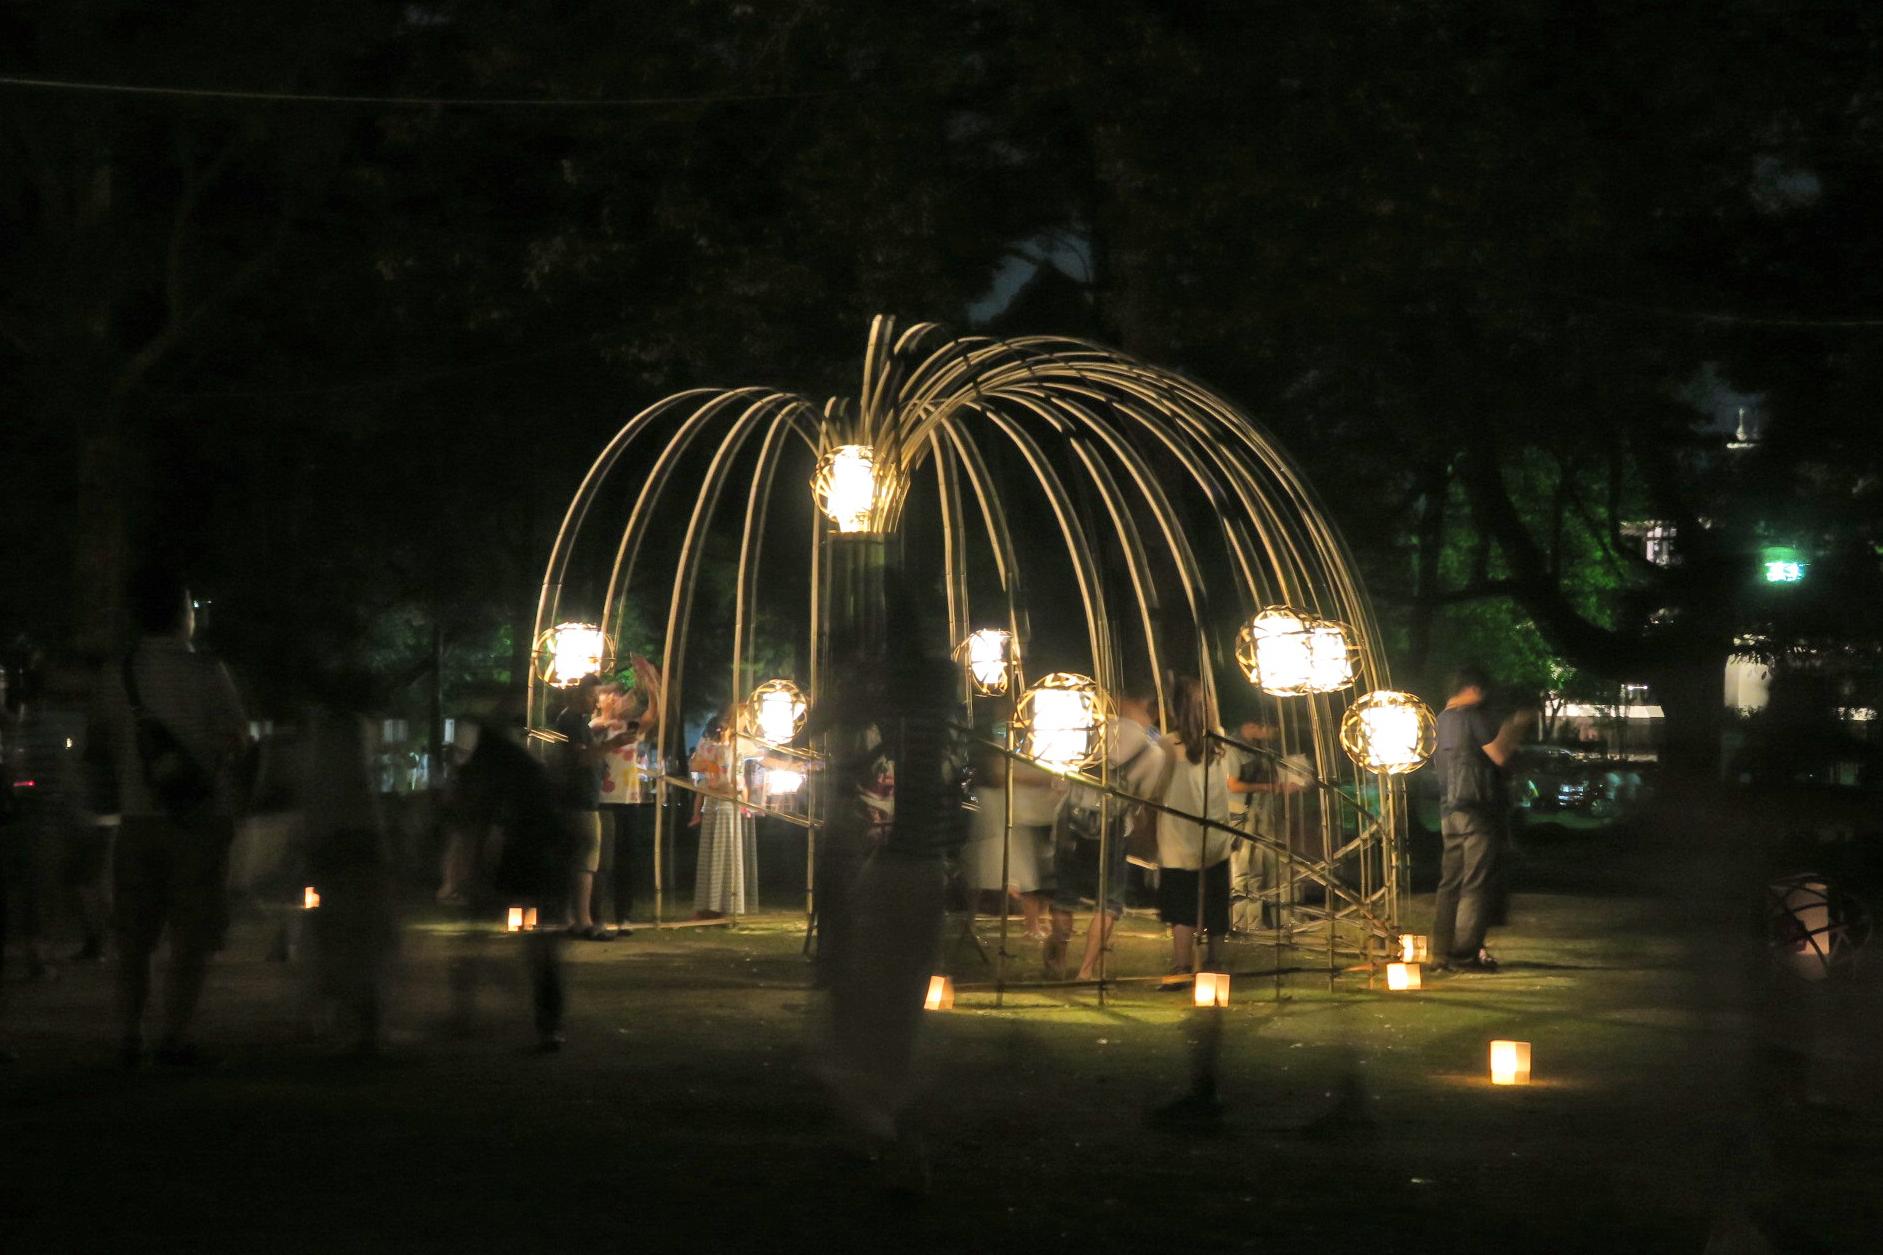 竹のオブジェも灯され、多くの人が記念写真を撮っていました。